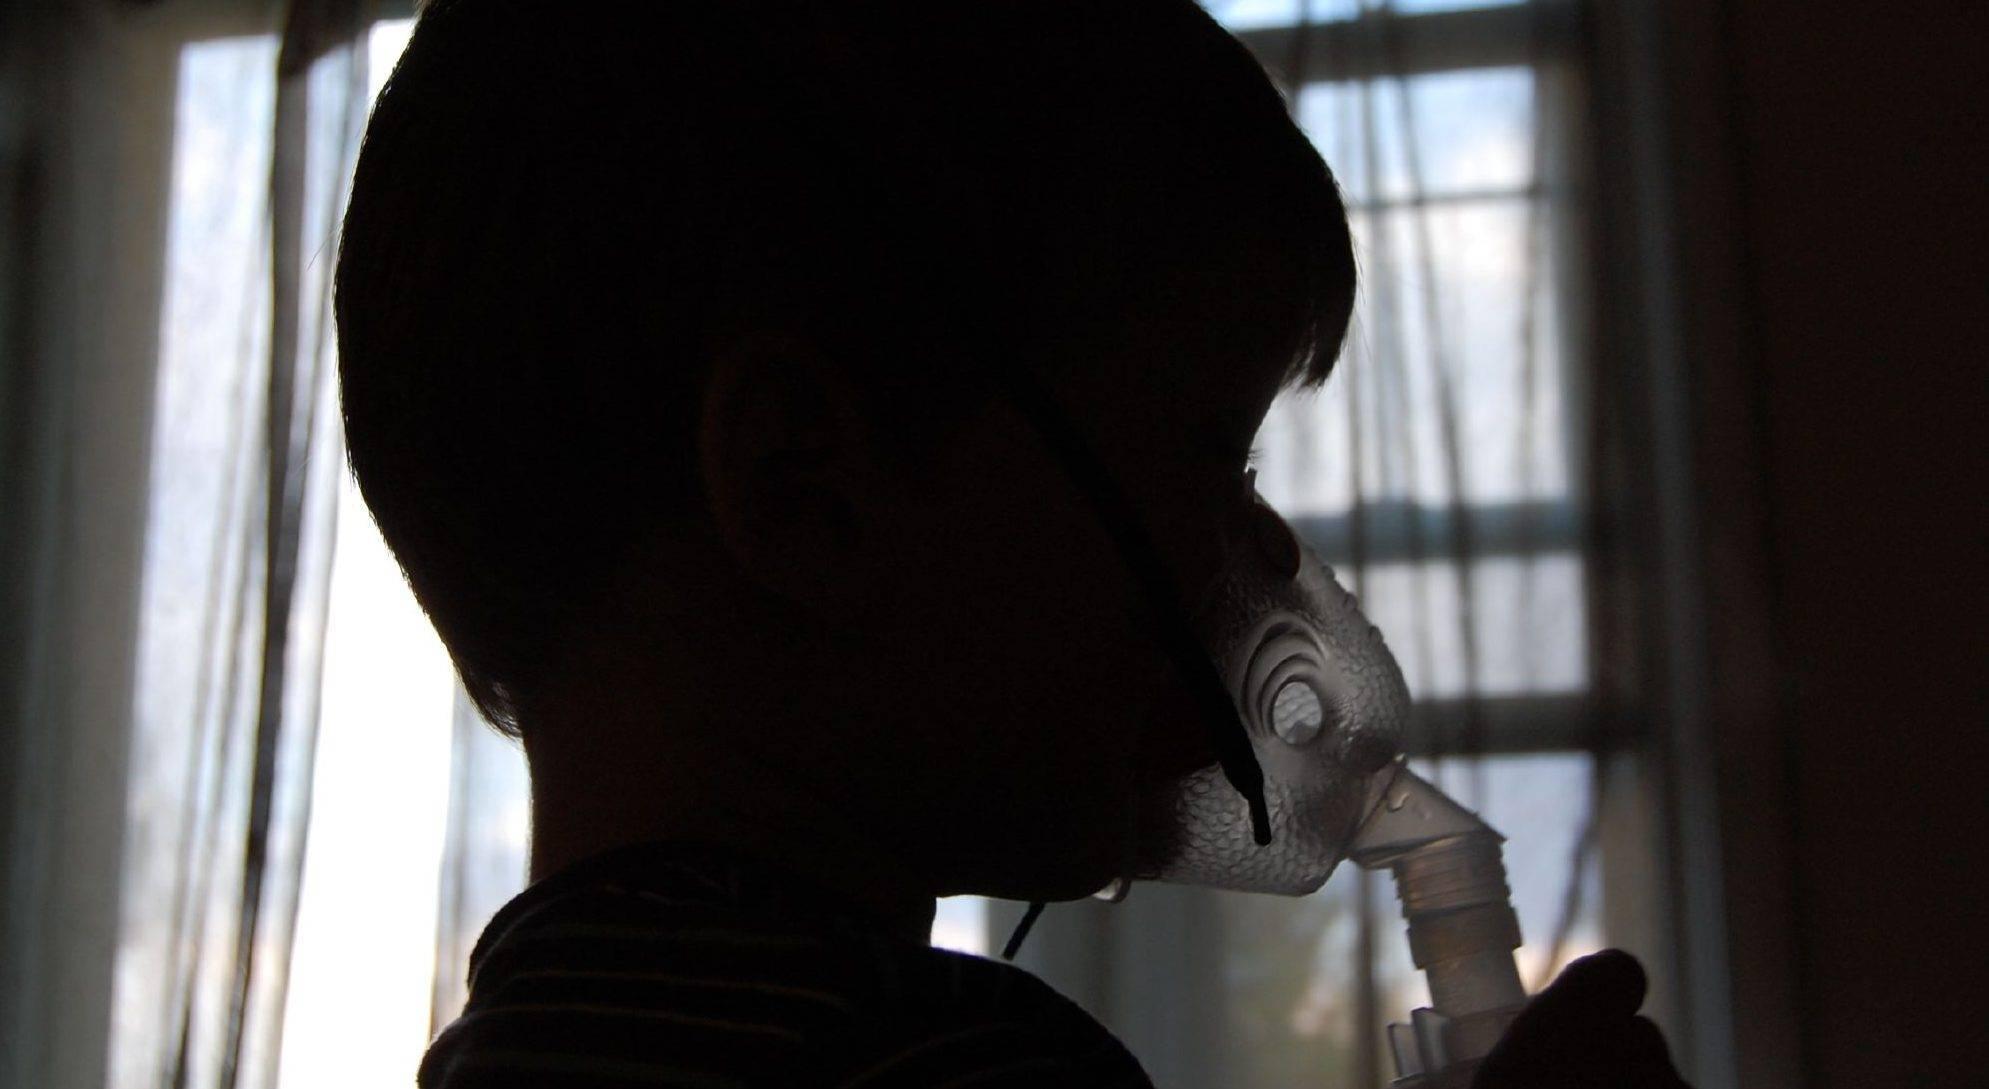 Бронхиальная астма и спорт: разрешенные и запрещенные виды нагрузок